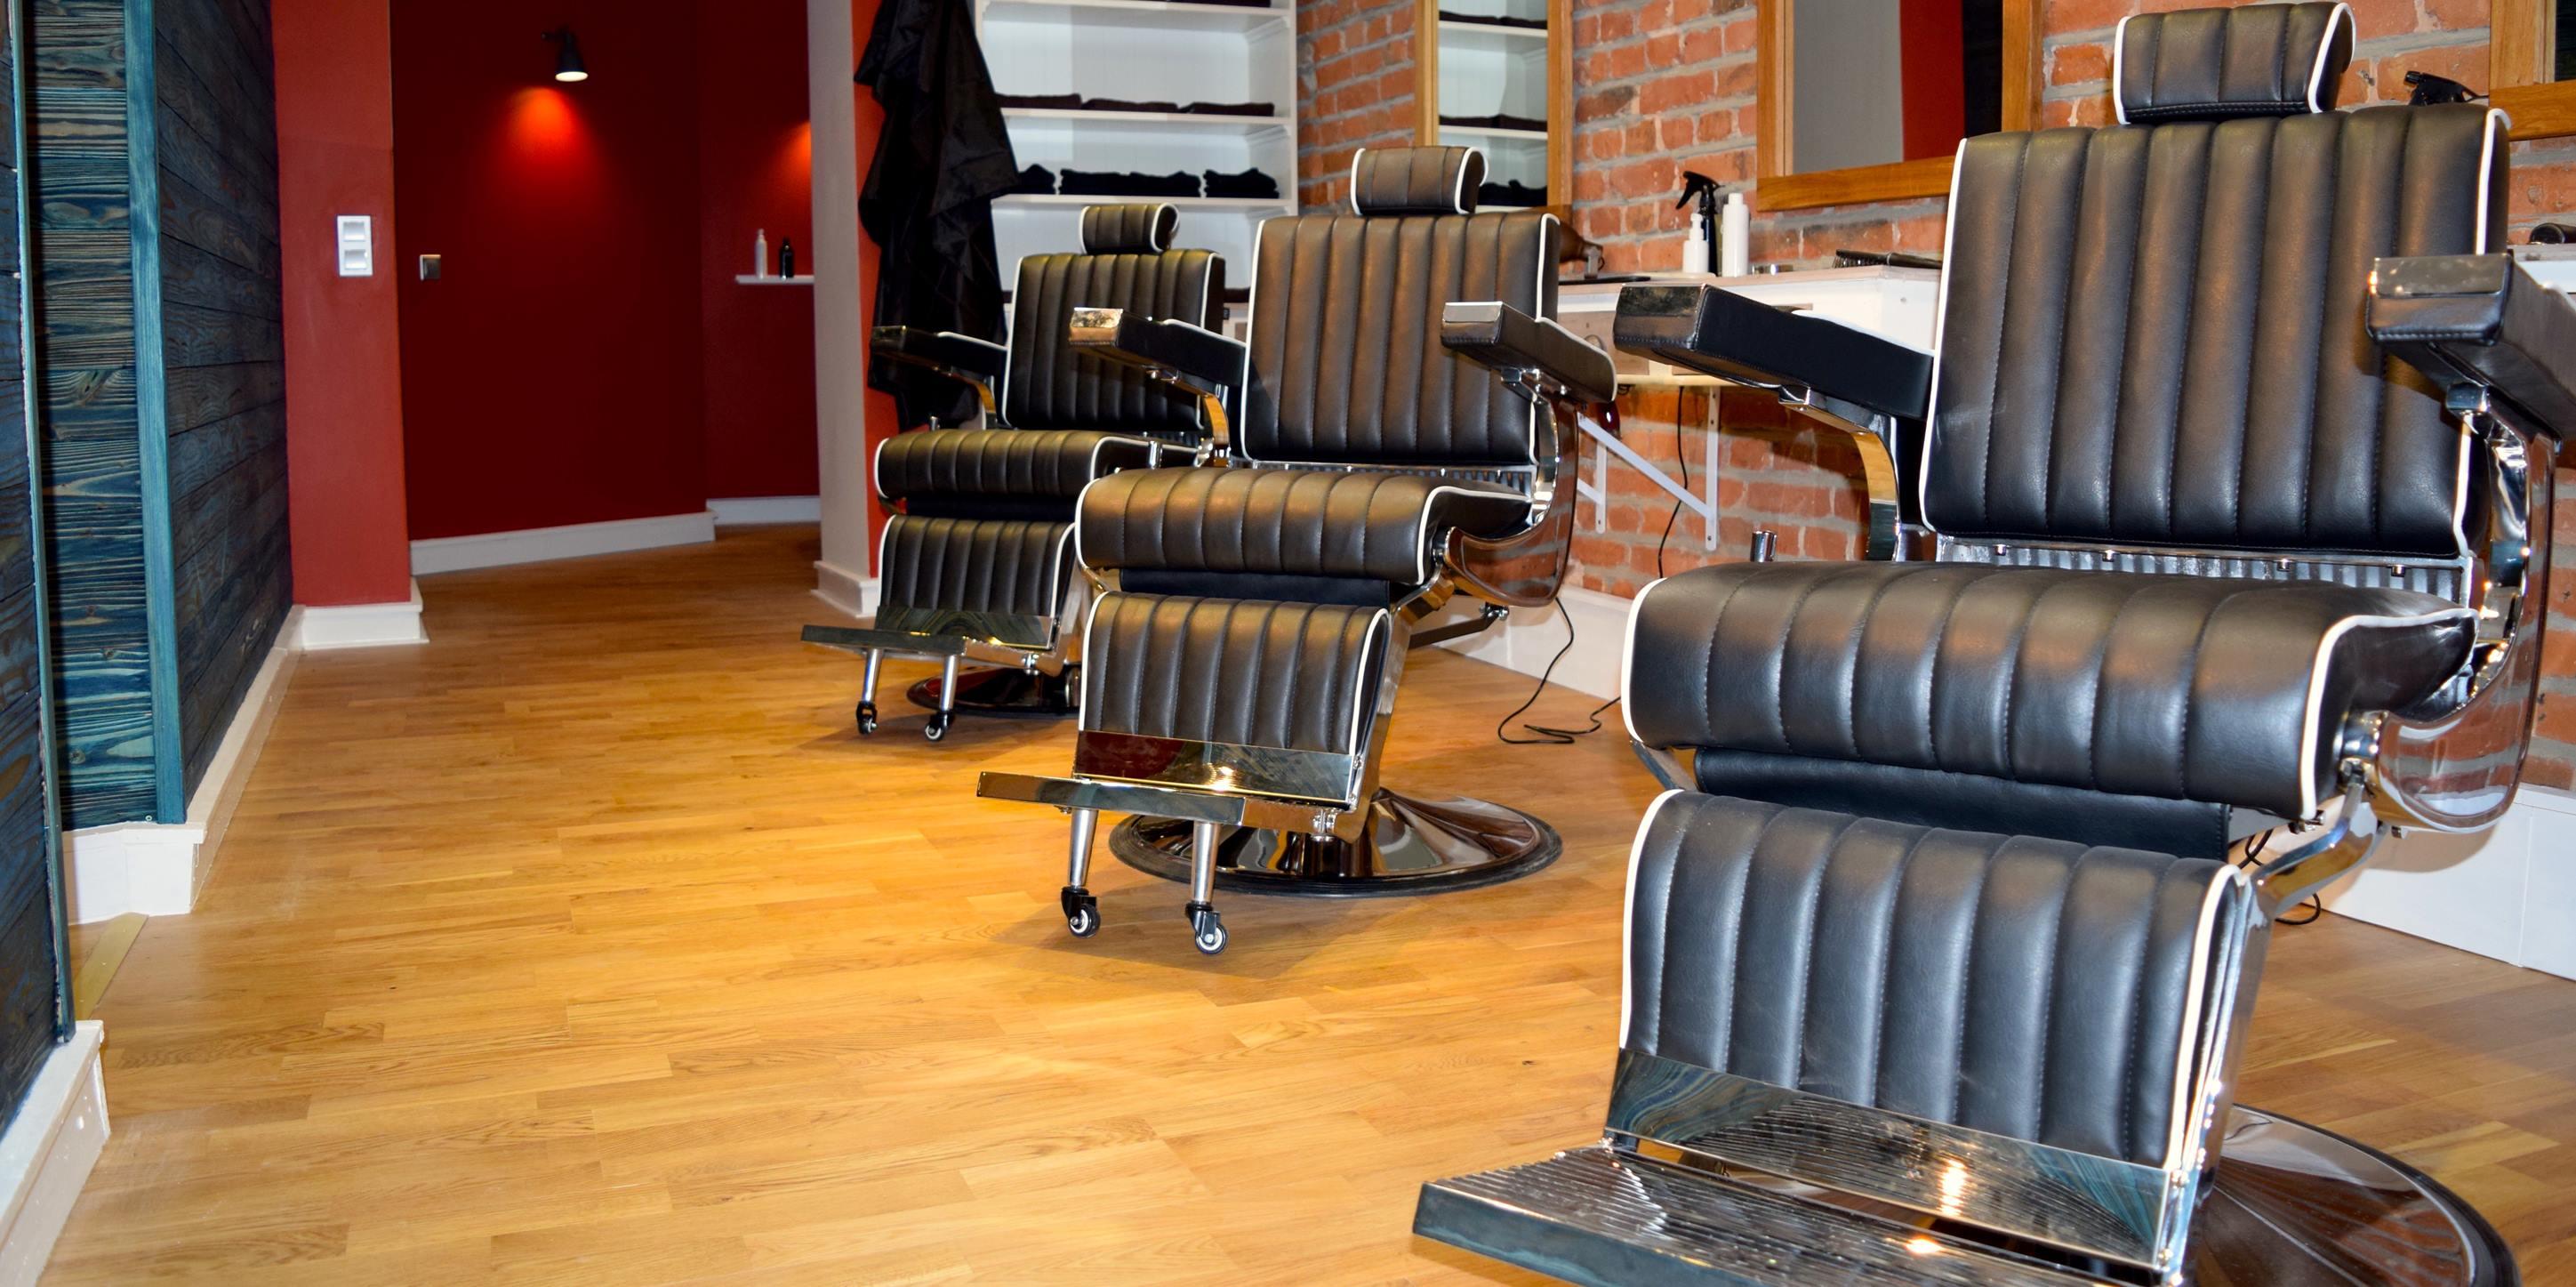 rowdy barbershop in berlin preise ffnungszeiten und. Black Bedroom Furniture Sets. Home Design Ideas